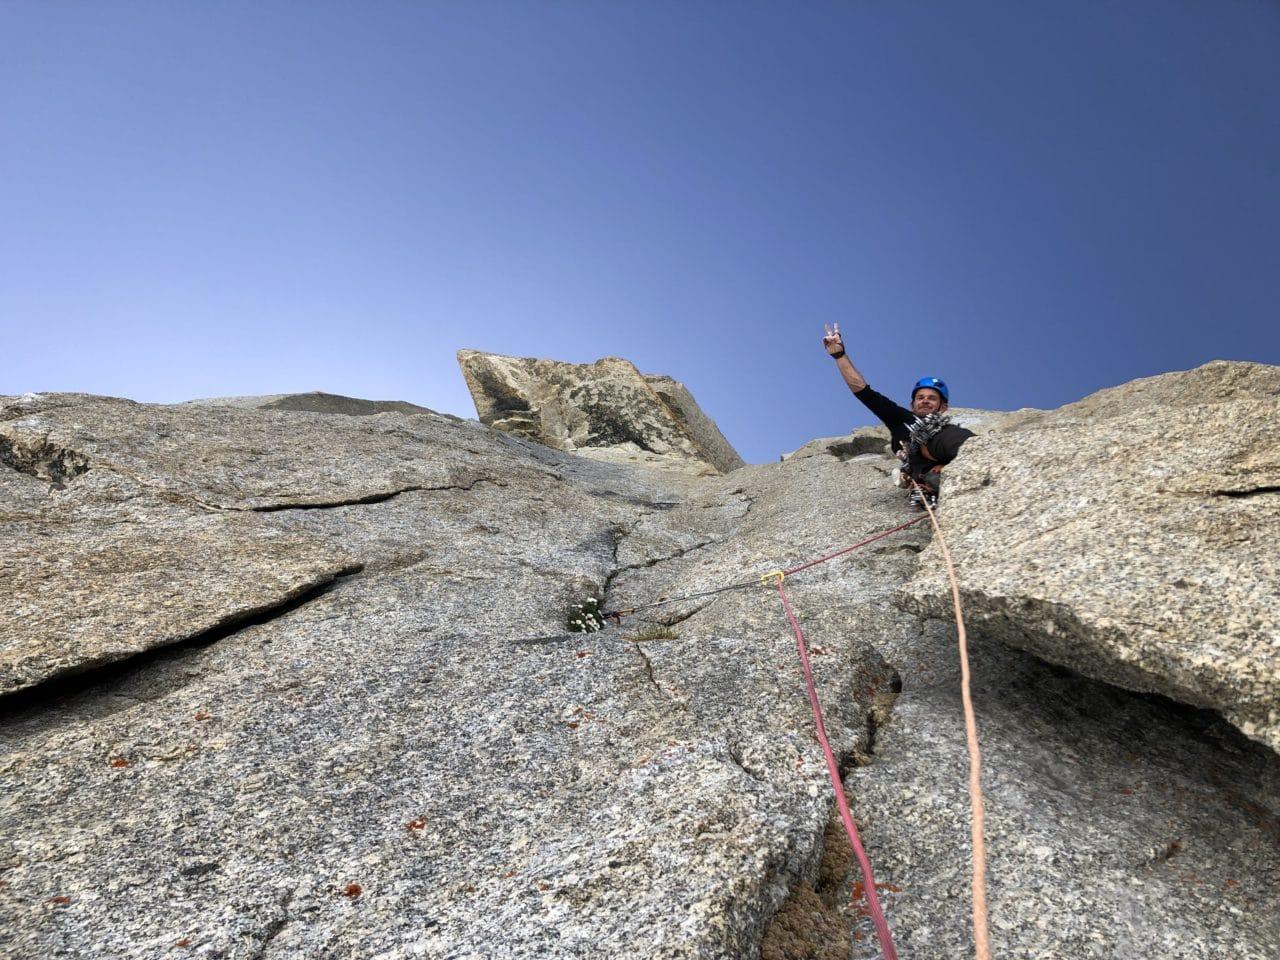 Escalade sur granit vers le Grand Capucin avec Yann Nussbaumer et Alexandre Gal, guides chez Helyum